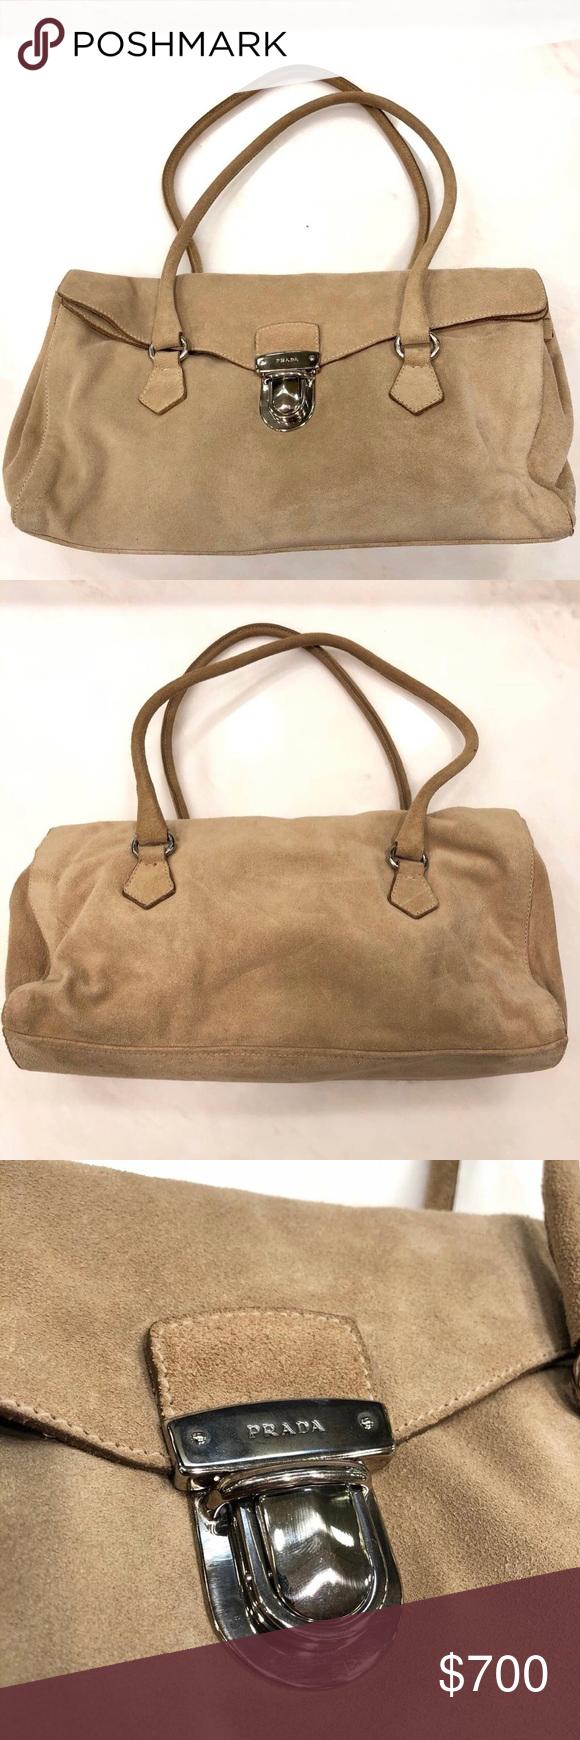 Prada Suede Purse High end suede Prada bag Size  Medium Perfect condition  (never used 7ec522ad60